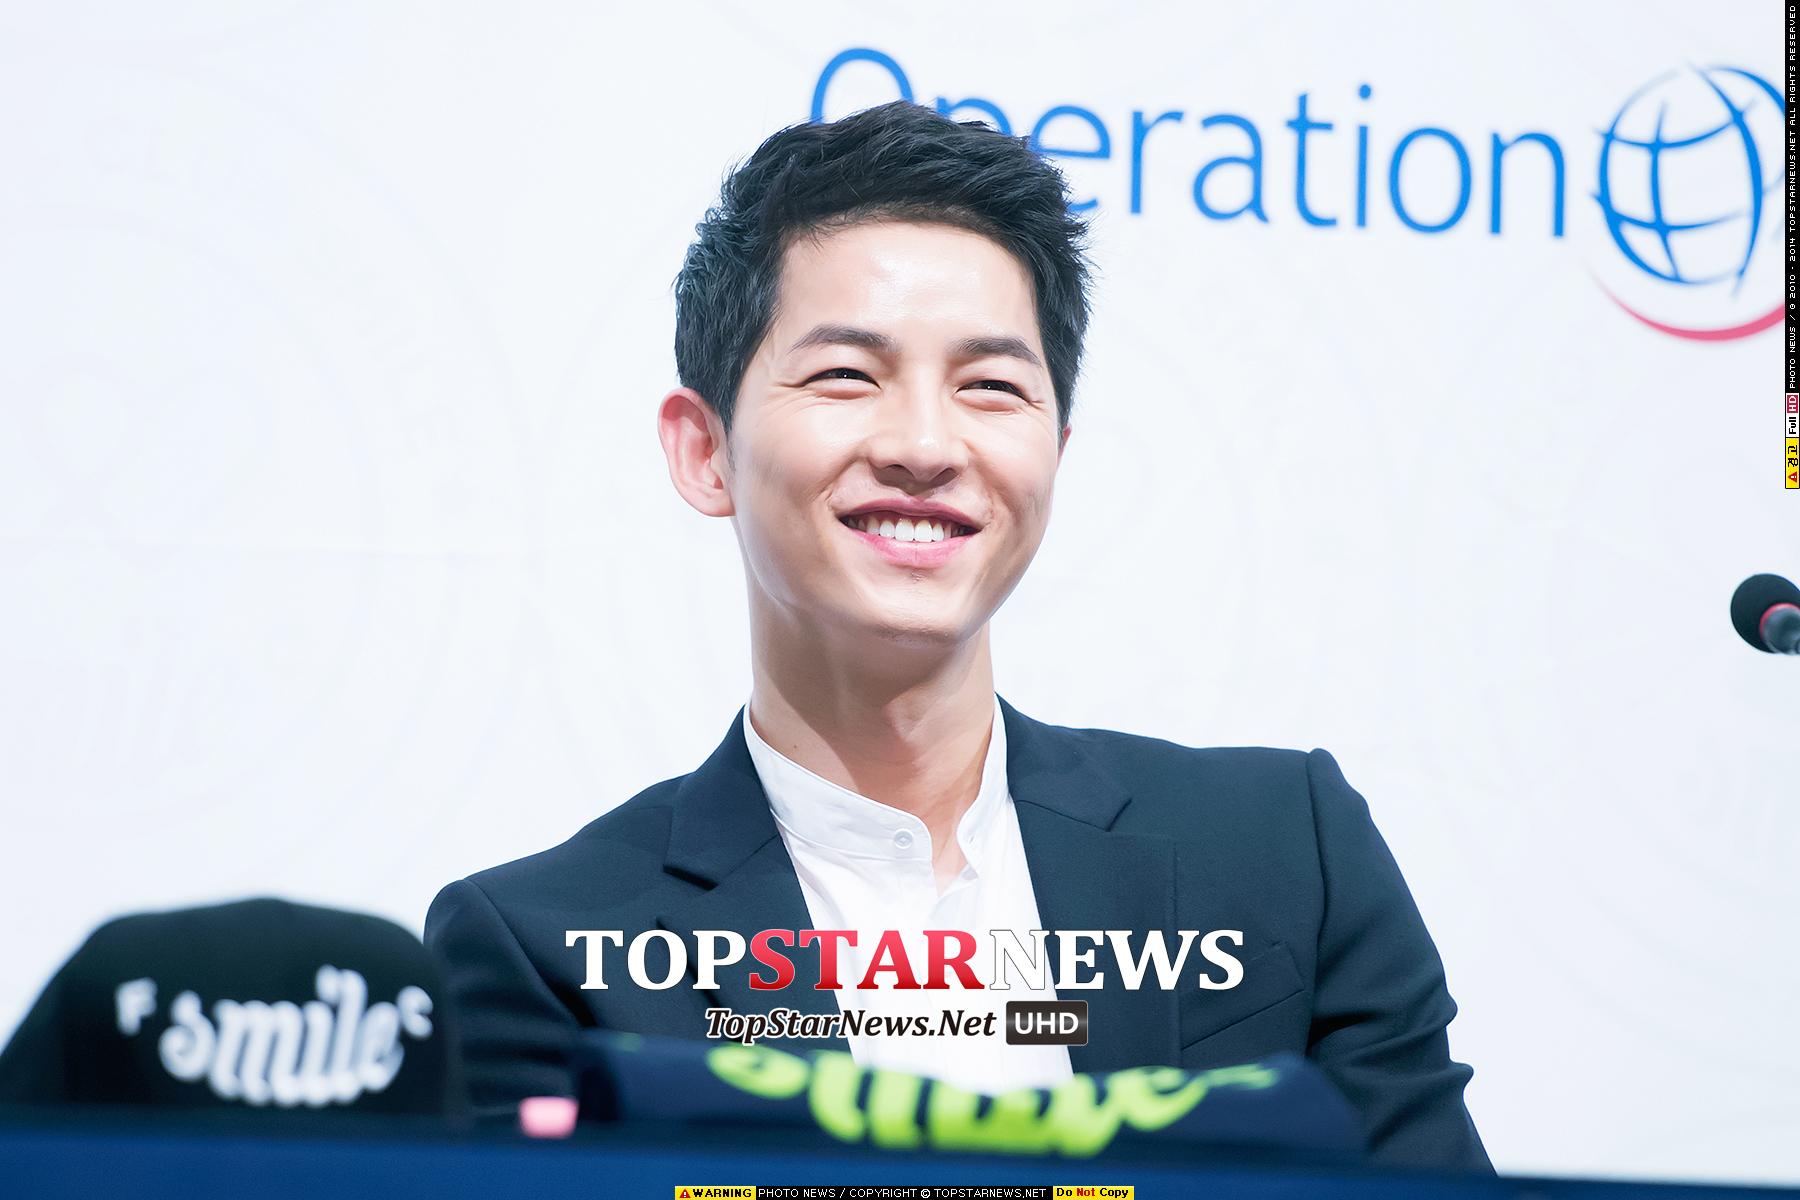 昨天(30日)他接受了 KBS 9 點新聞節目《News9》的訪問,同時他不僅是該節目第一位受訪的演員,也是第一位上節目的藝人。